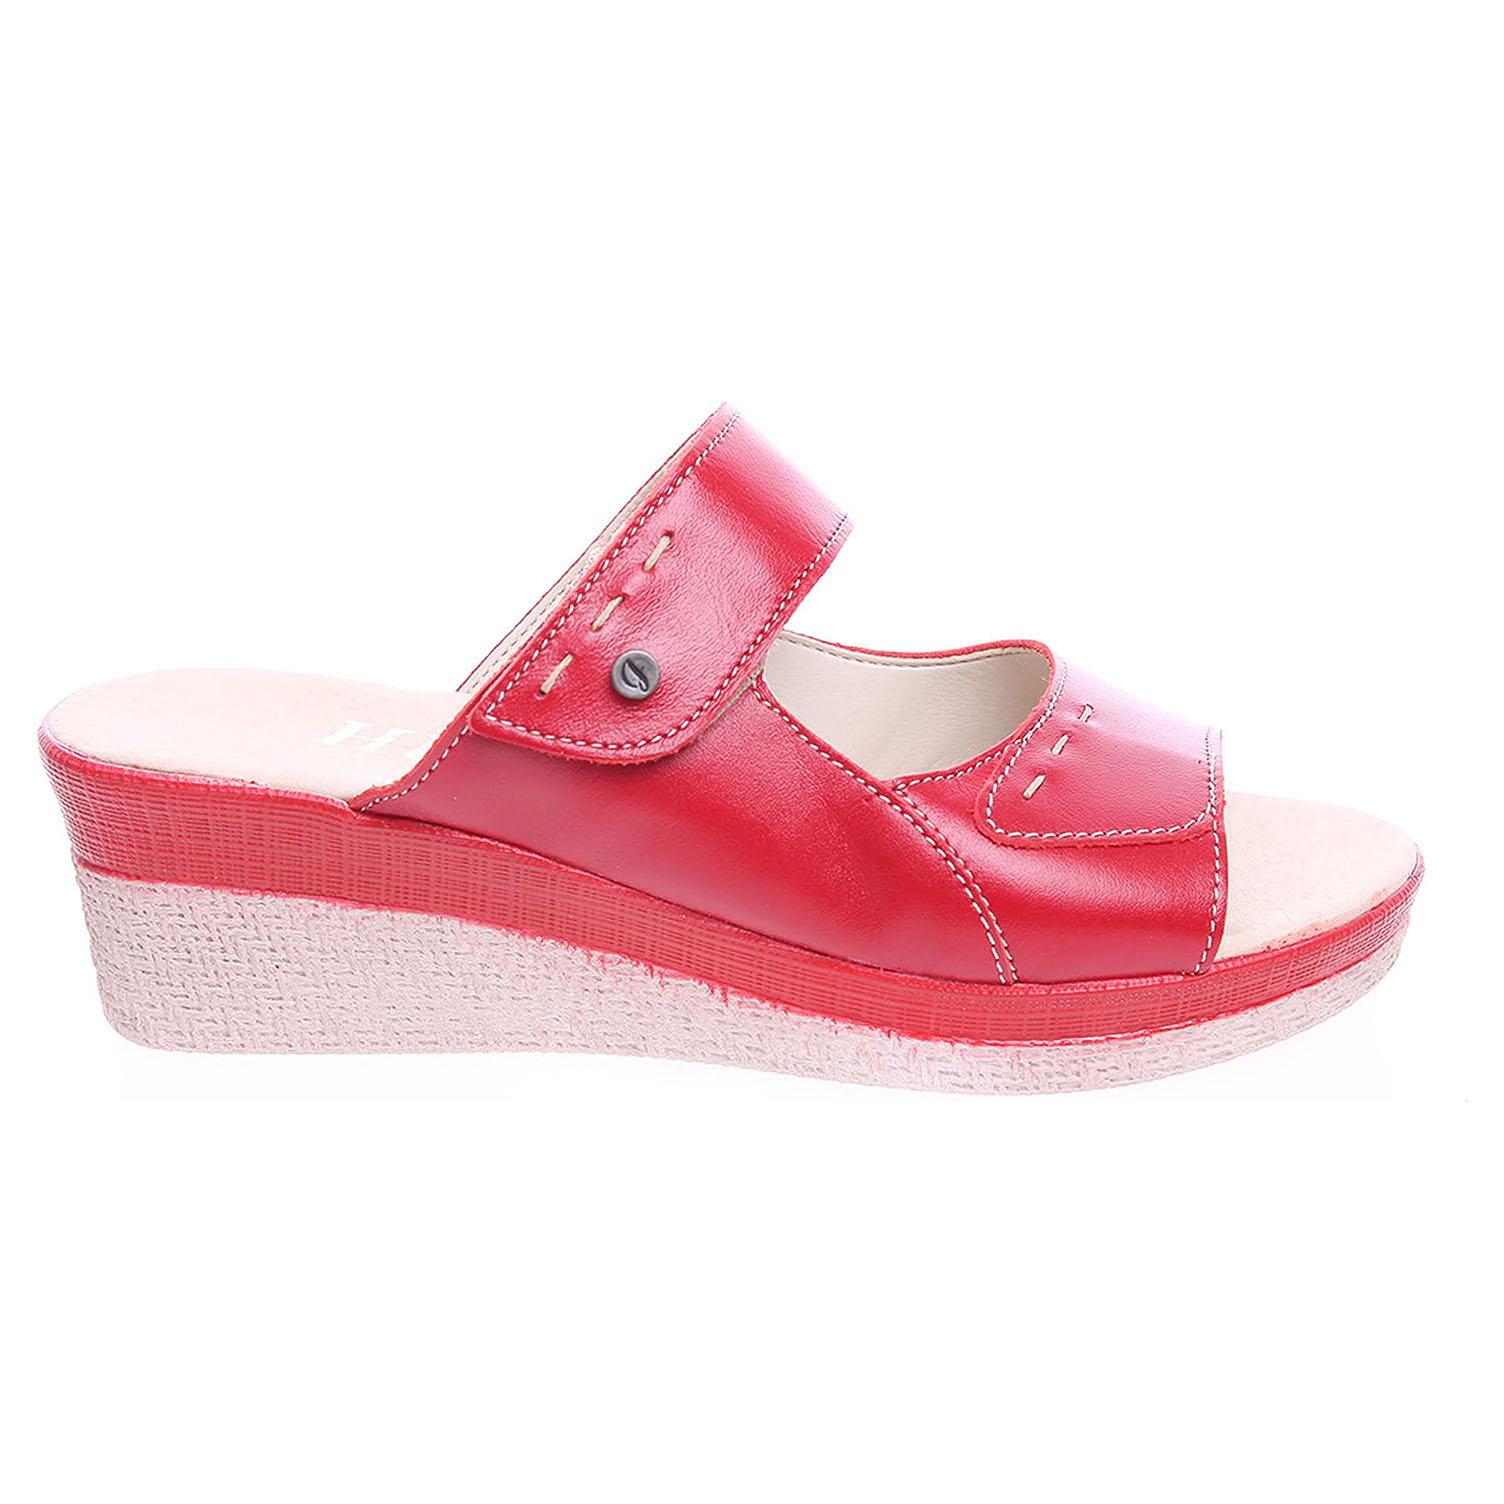 Dámské pantofle J3439 červené 41